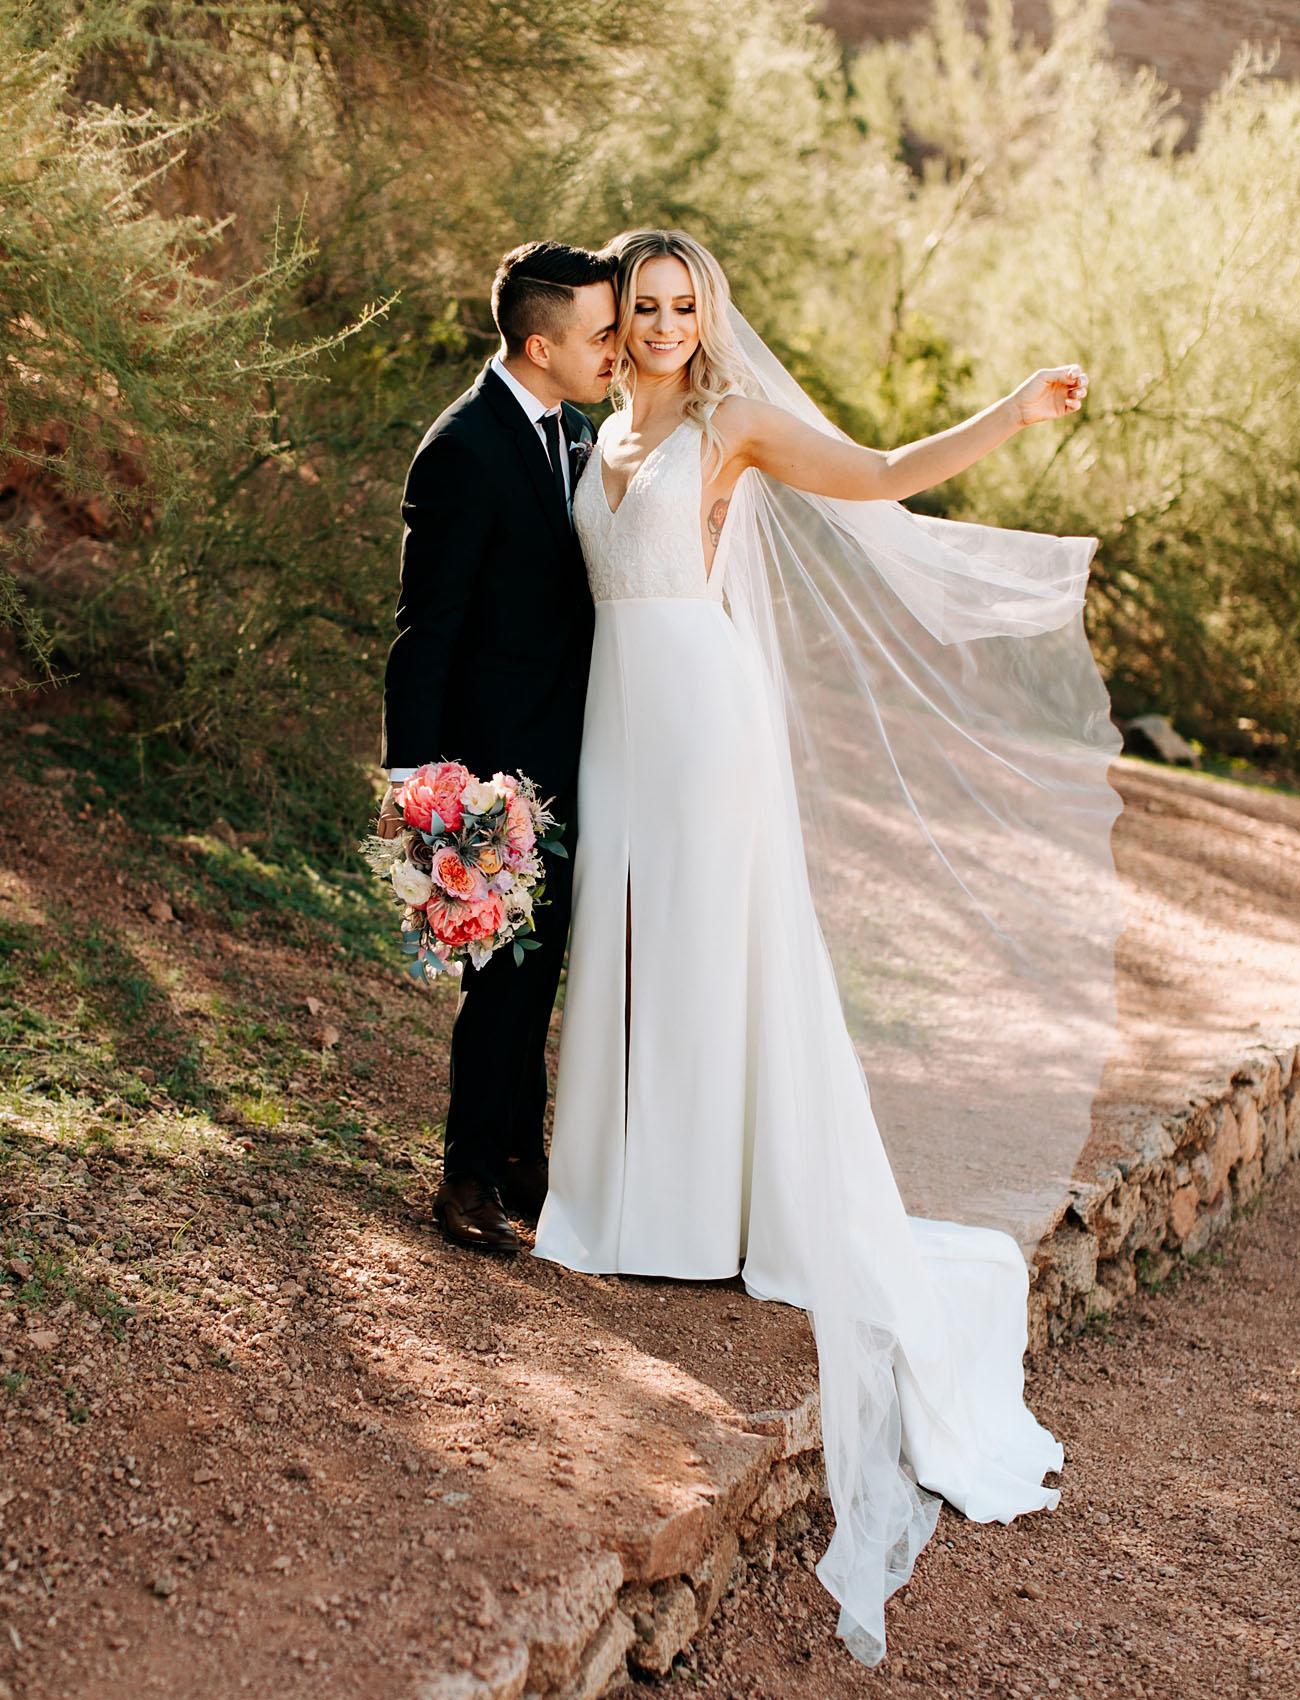 Iridescent + Eclectic Arizona Wedding